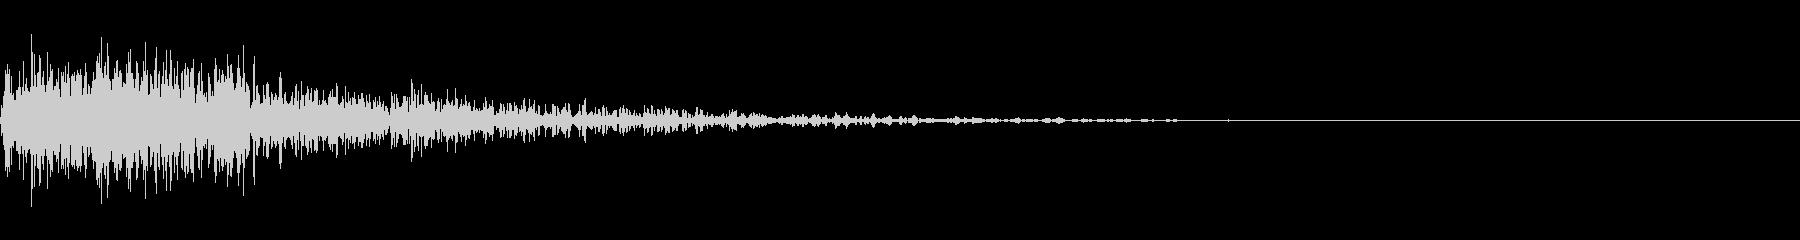 ドア/扉/鉄/金属/閉まる/閉鎖の未再生の波形